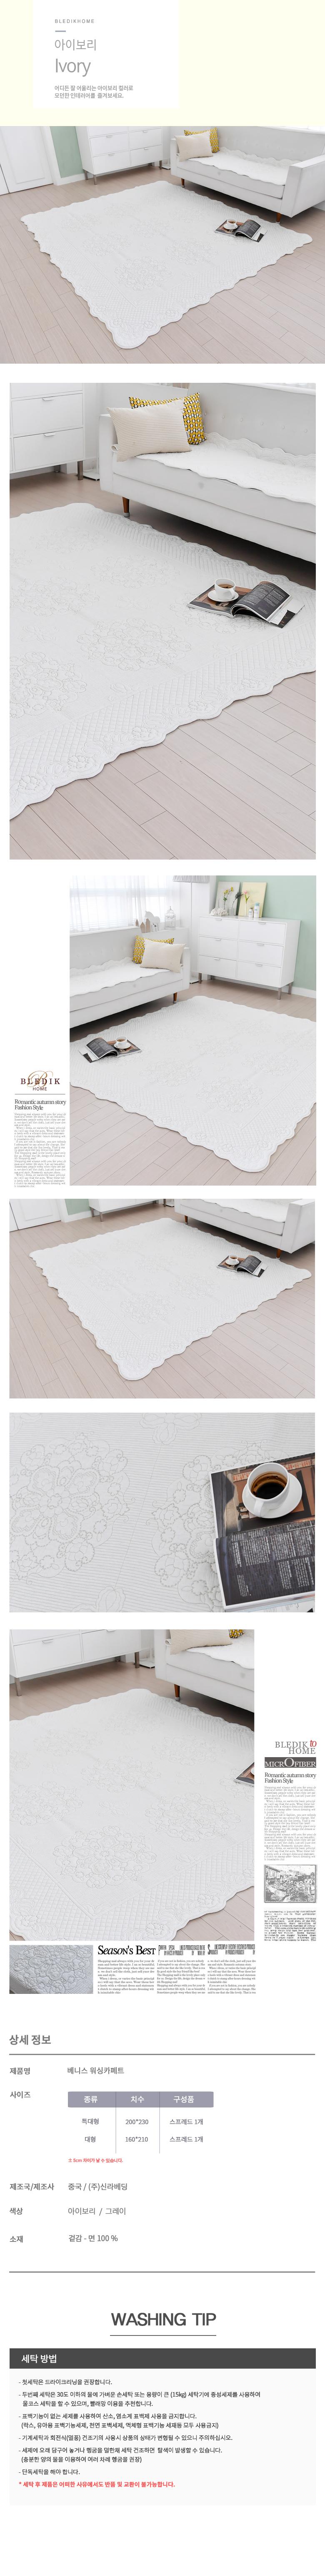 베니스 워싱카페트 - 블레딕홈, 199,000원, 디자인러그, 면/워싱 카페트